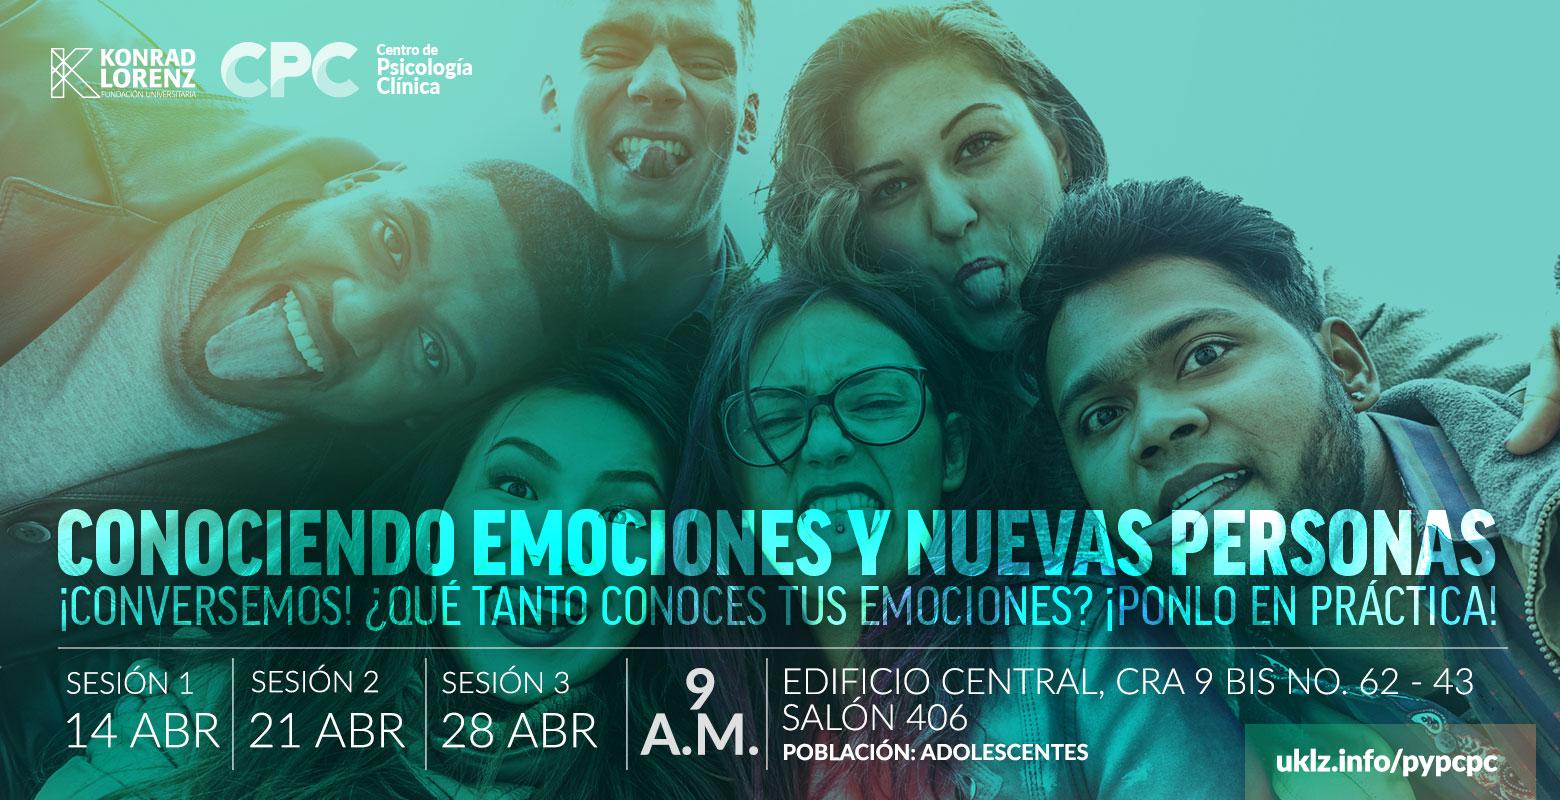 Conociendo emociones y nuevas personas